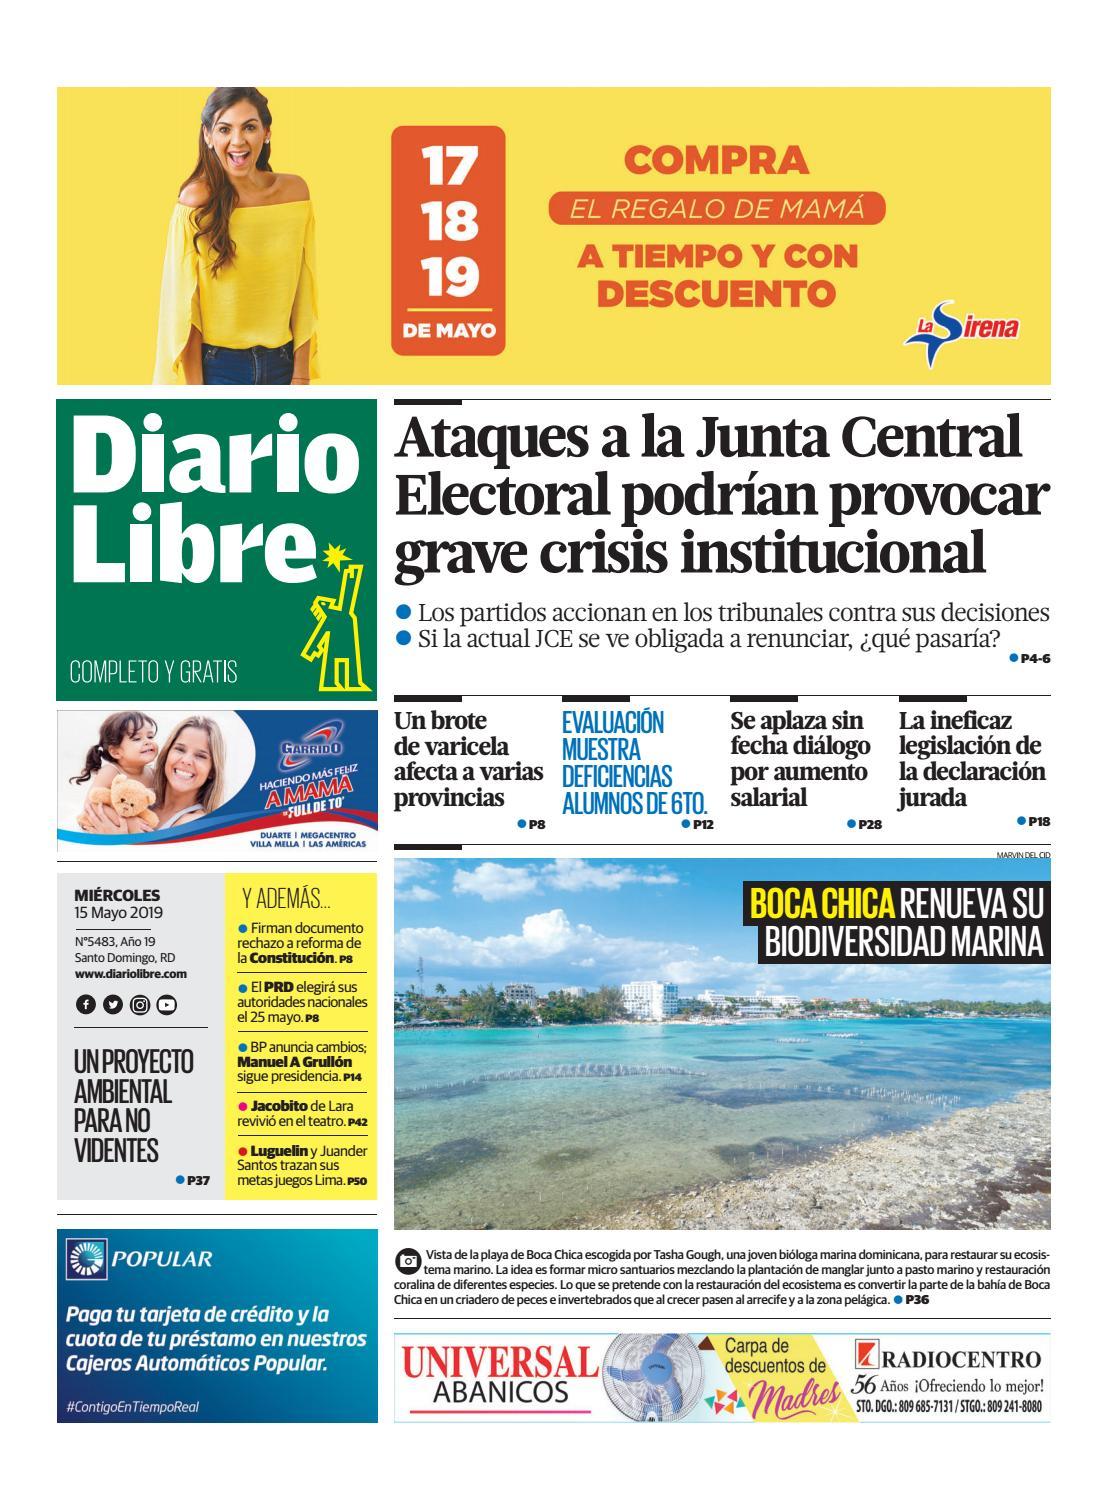 Portada Periódico Diario Libre, Miércoles 15 Mayo 2019